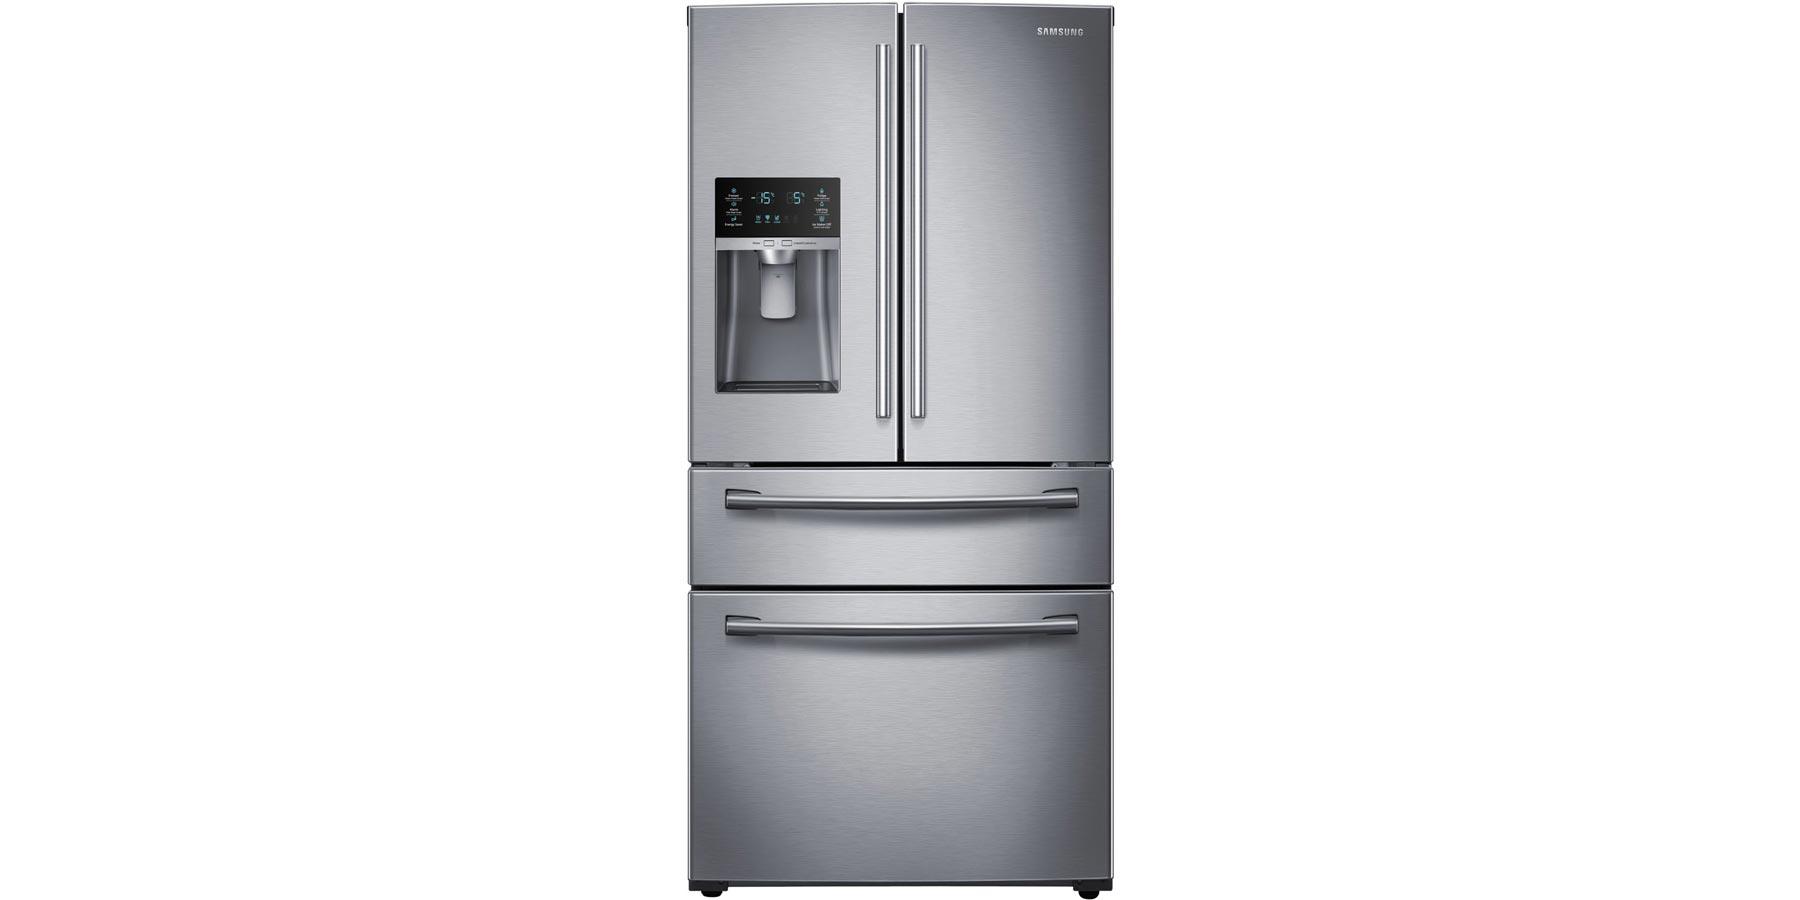 Samsung 28 Cu Ft 4 Door French Door Refrigerator